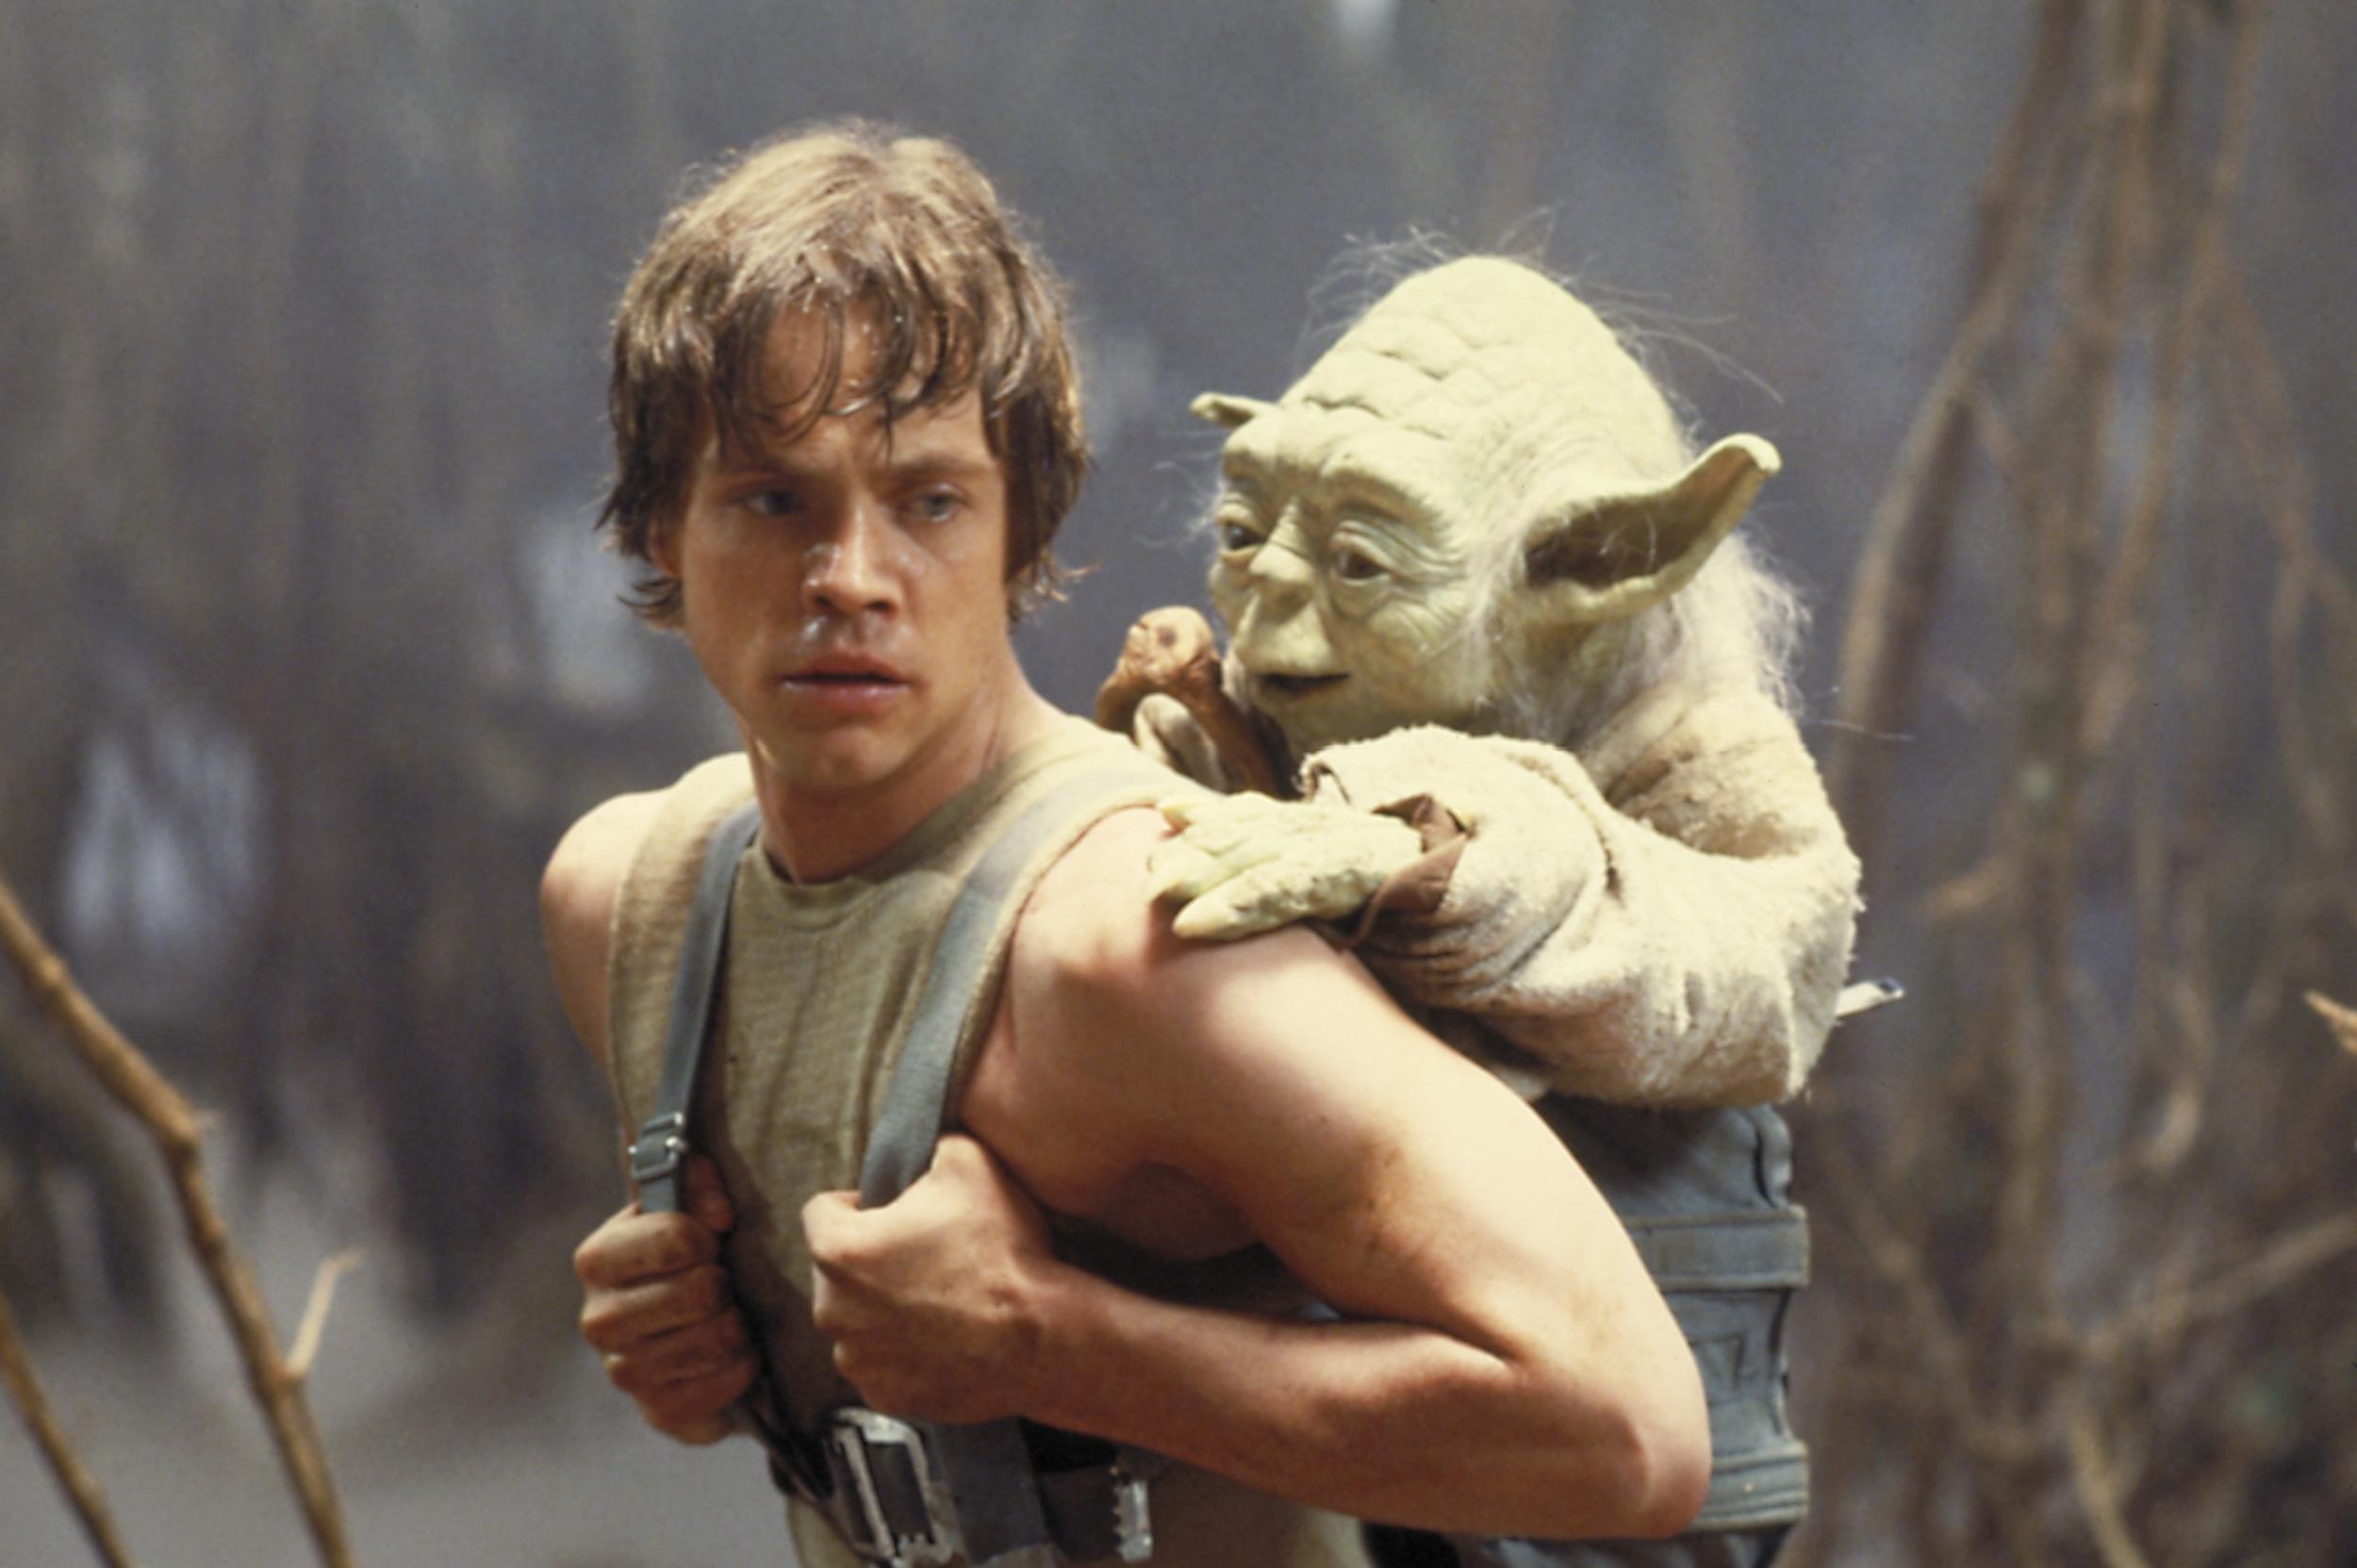 the-empire-strikes-back-luke-skywalker-and-yoda.jpg